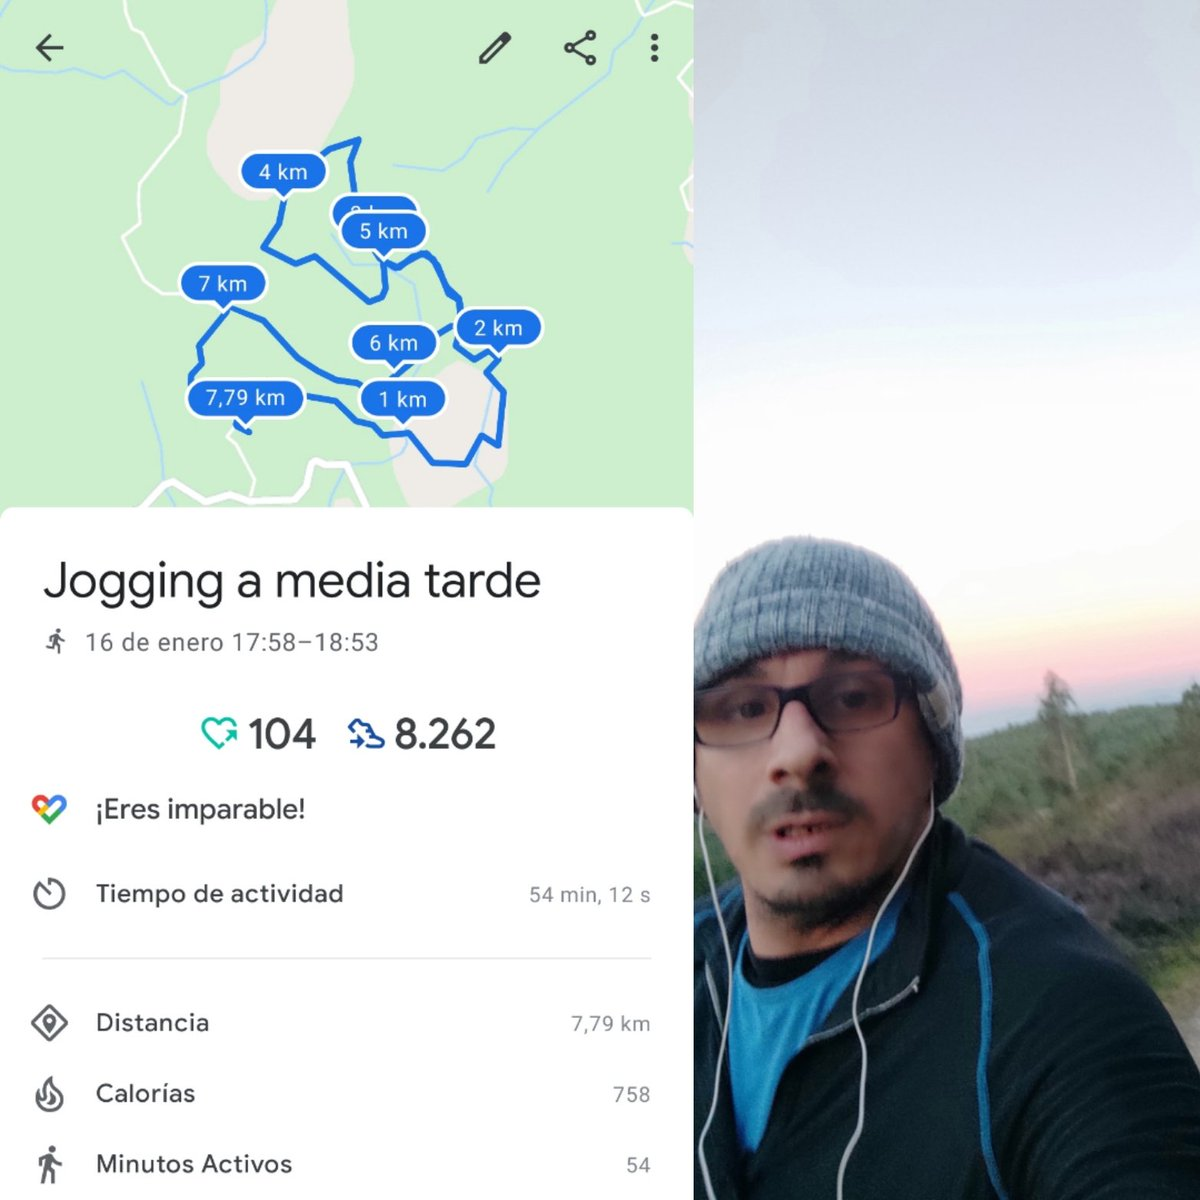 Haciendo méritos para que la @OMS_Ofic me felicité mediante #GoogleFit una vez más, por hacer deporte. ;) Mañana más!  Cada día recuperando un poquito más ... Vuelvo a hacer el recorrido largo con 3 #rompepiernas y gran altitud en menos de una hora. #Mañanarepito #Deporte #Moaña